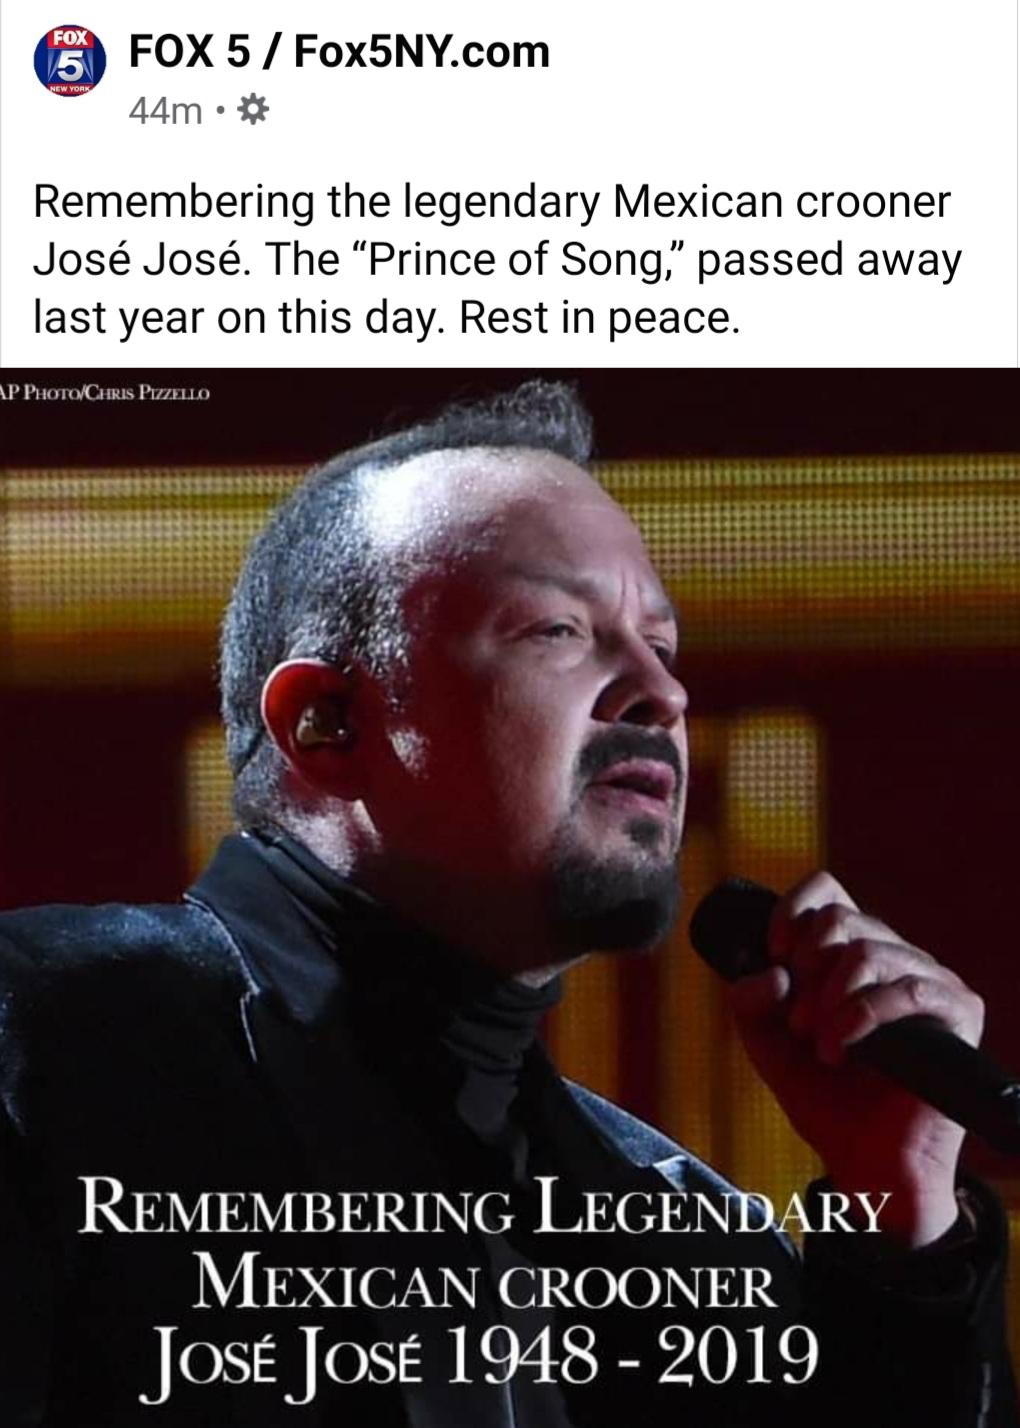 Pepe Aguilar y Jose Jose